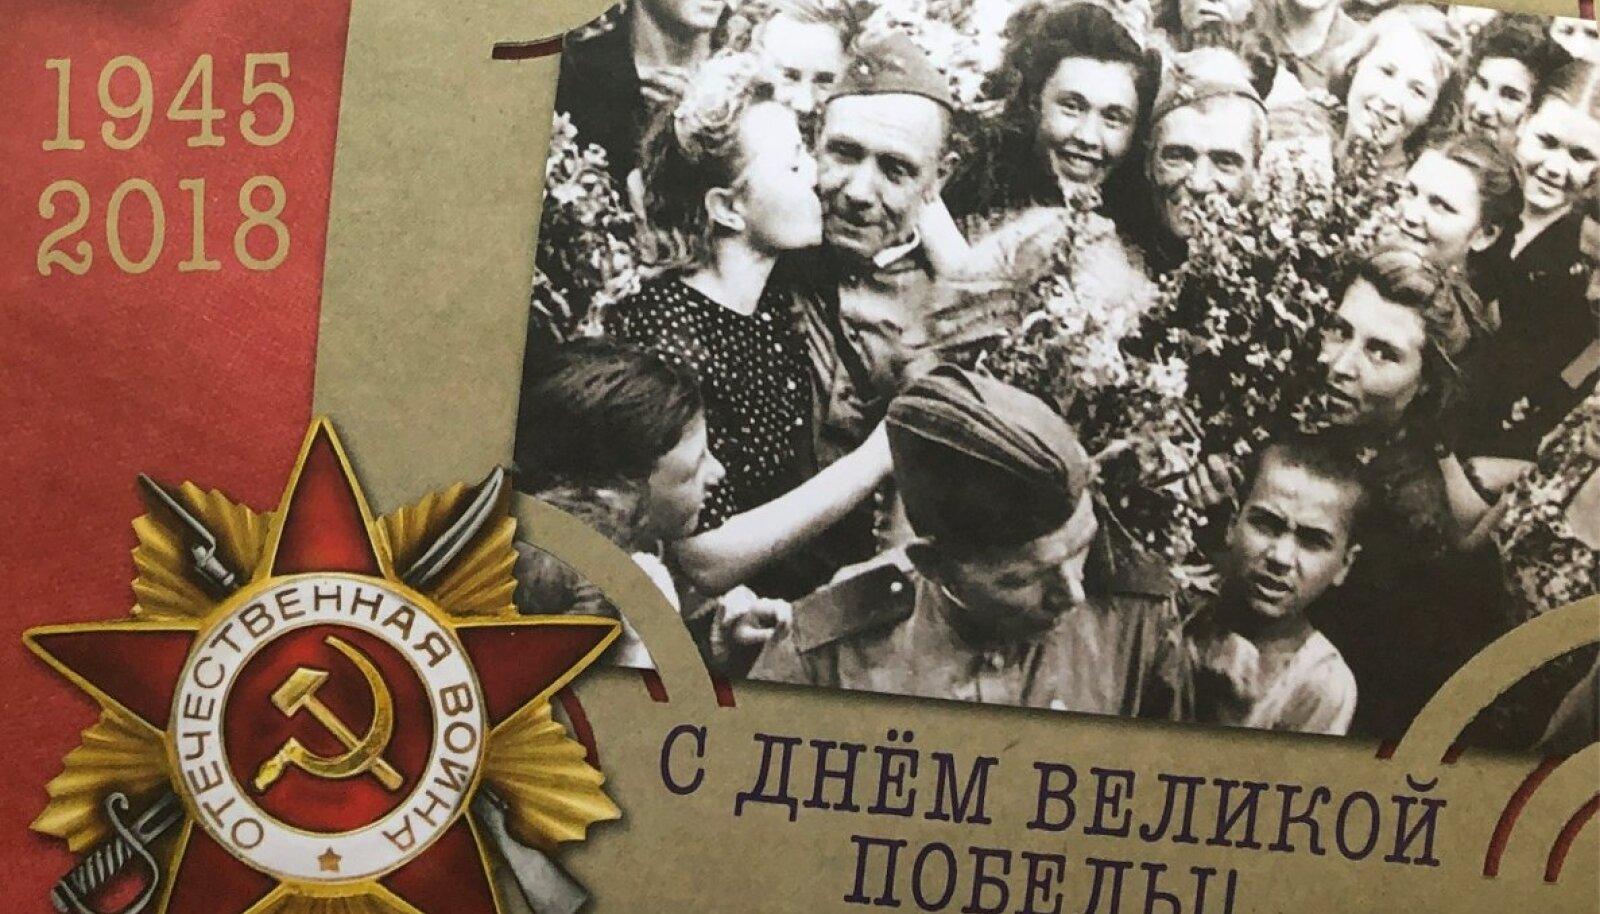 Vladimir Putinilt saadud nimeline tervitus võidupüha puhul.